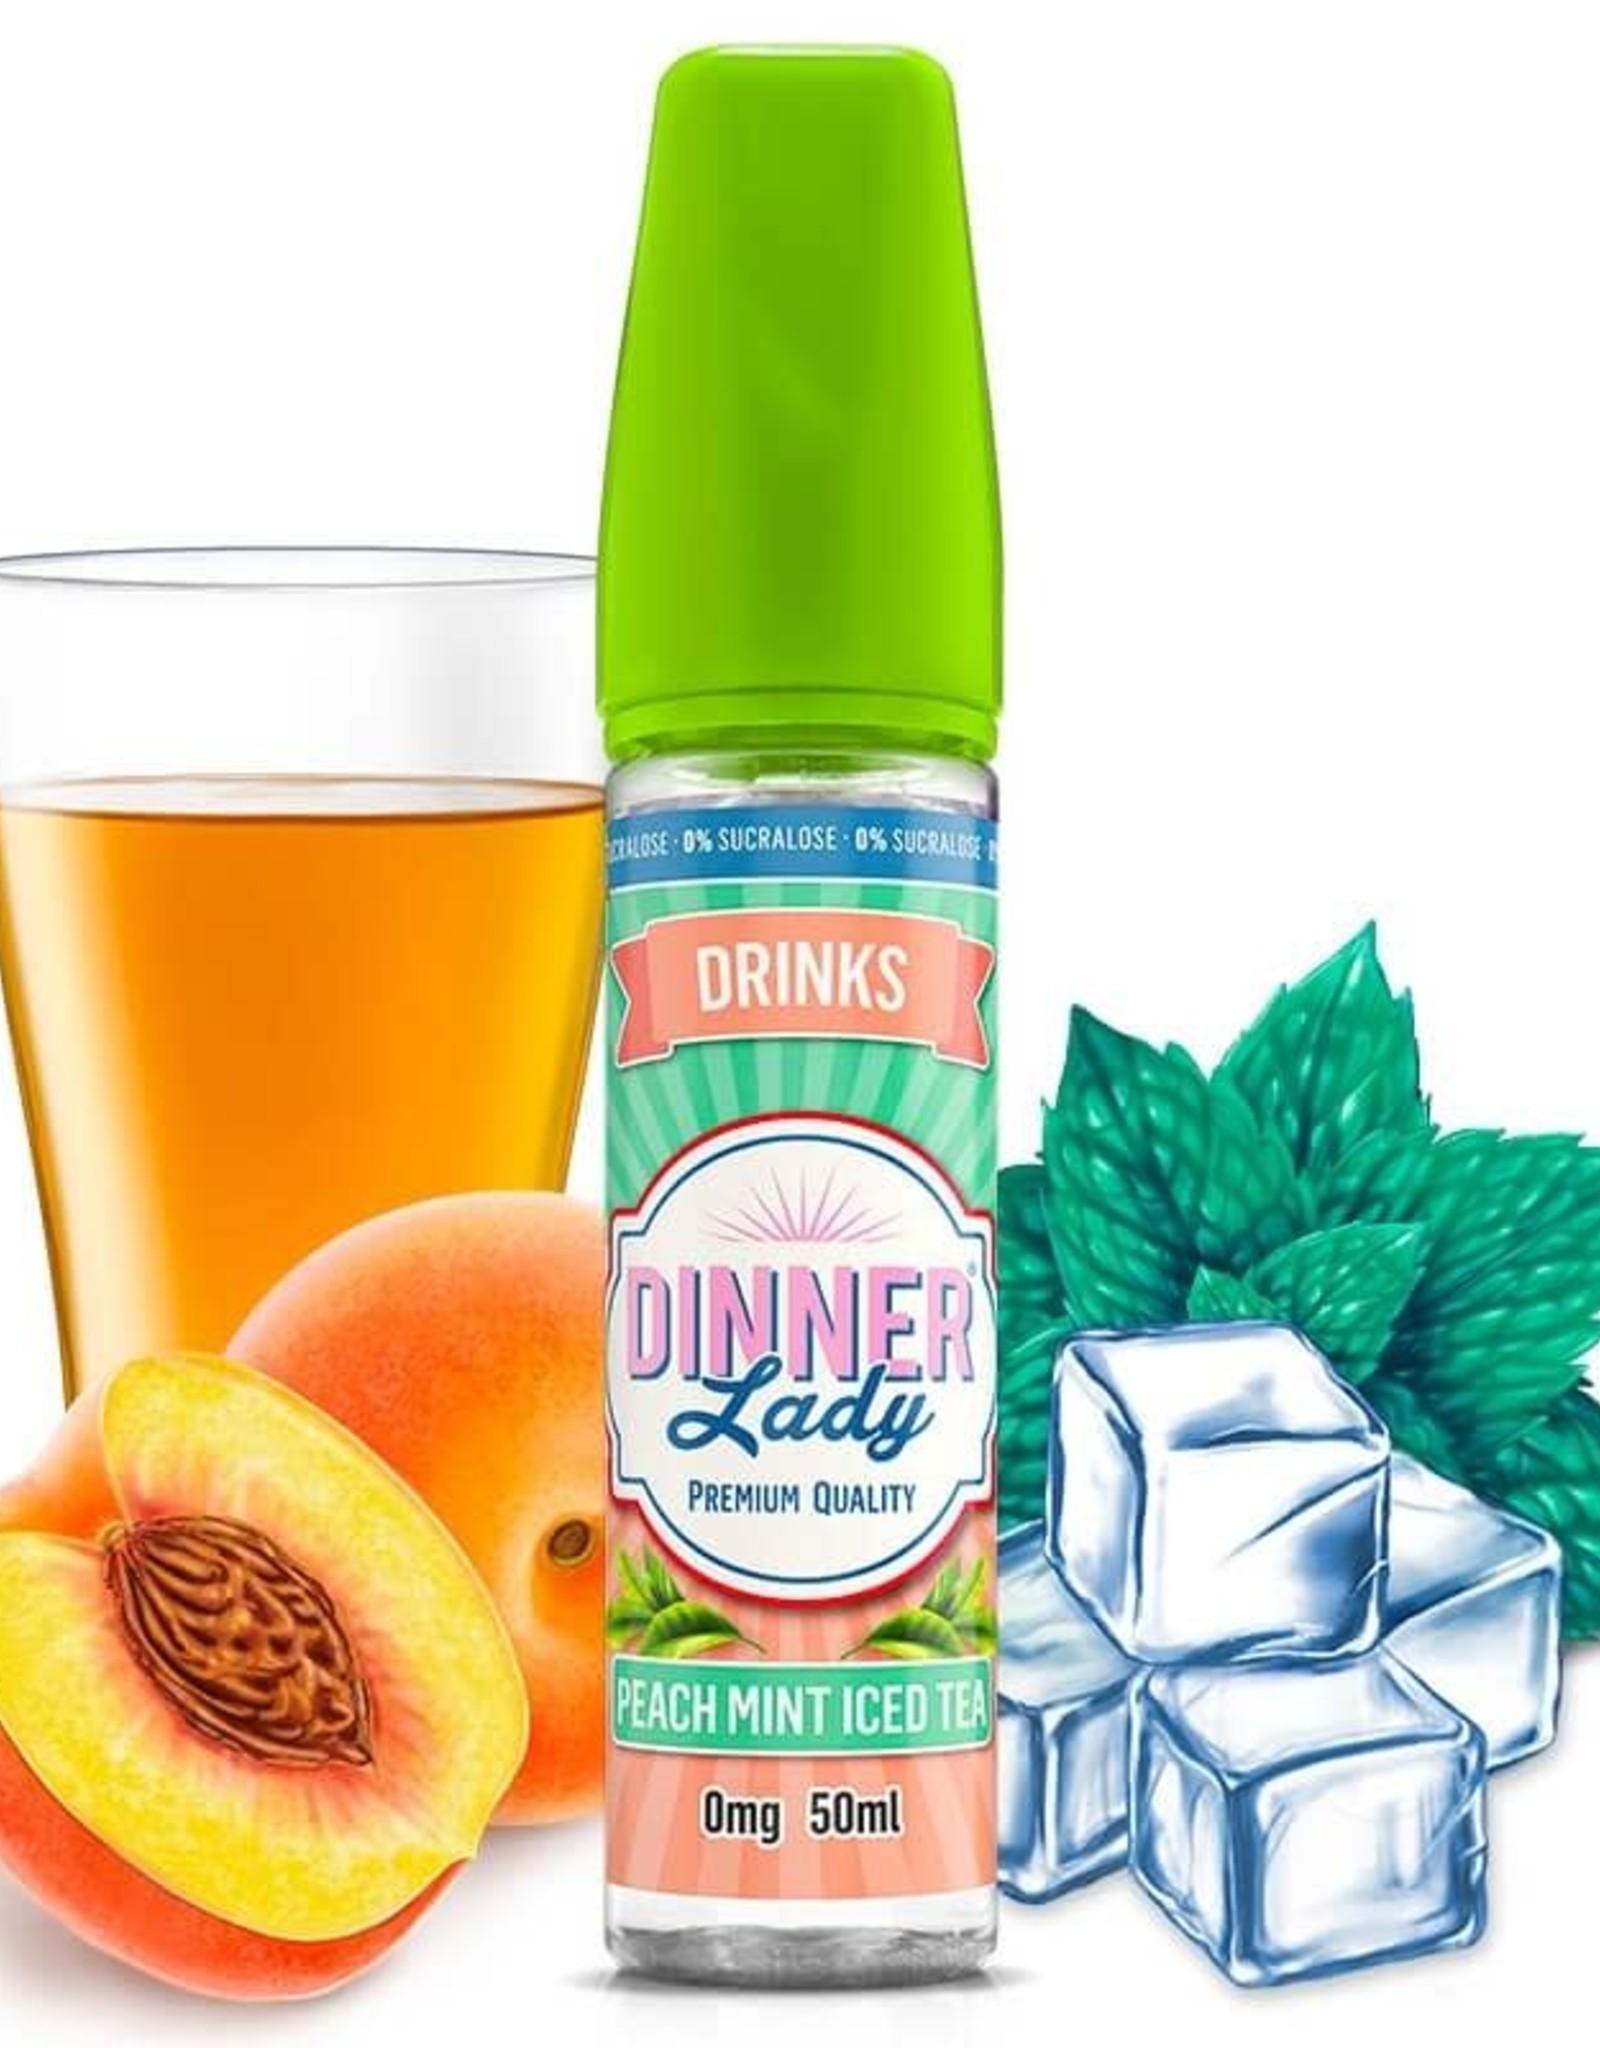 Dinner Lady Dinner Lady - Peach Mint Iced Tea 50ml